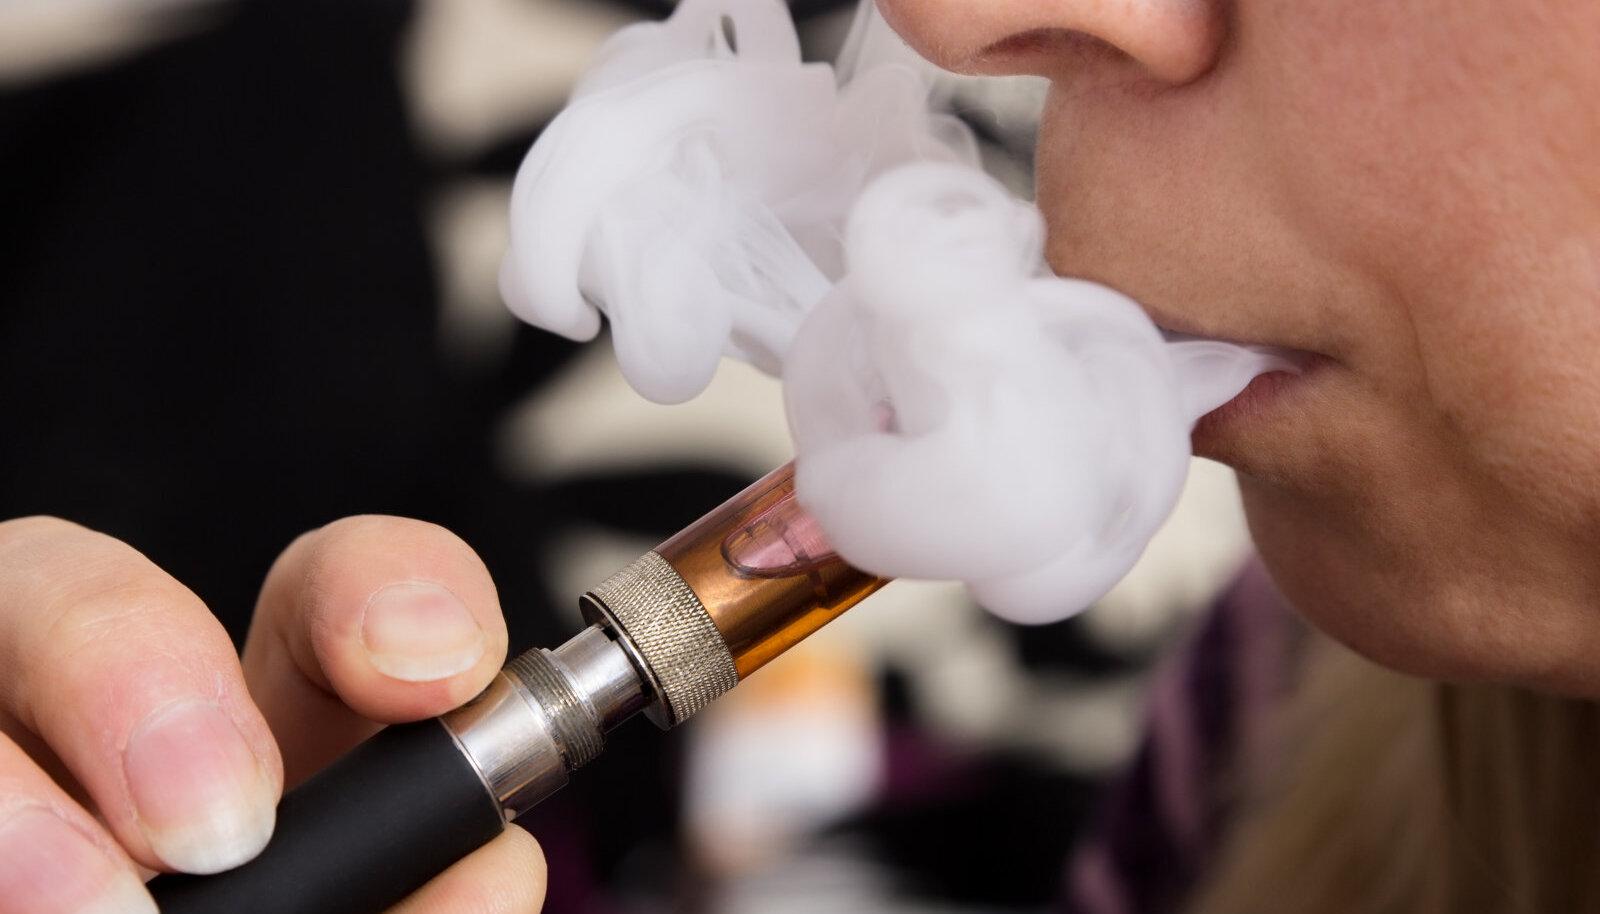 Использование э-сигарет имеет менее вредные последствия для самочувствия и настроения людей по сравнению с курительными табачными изделиями.